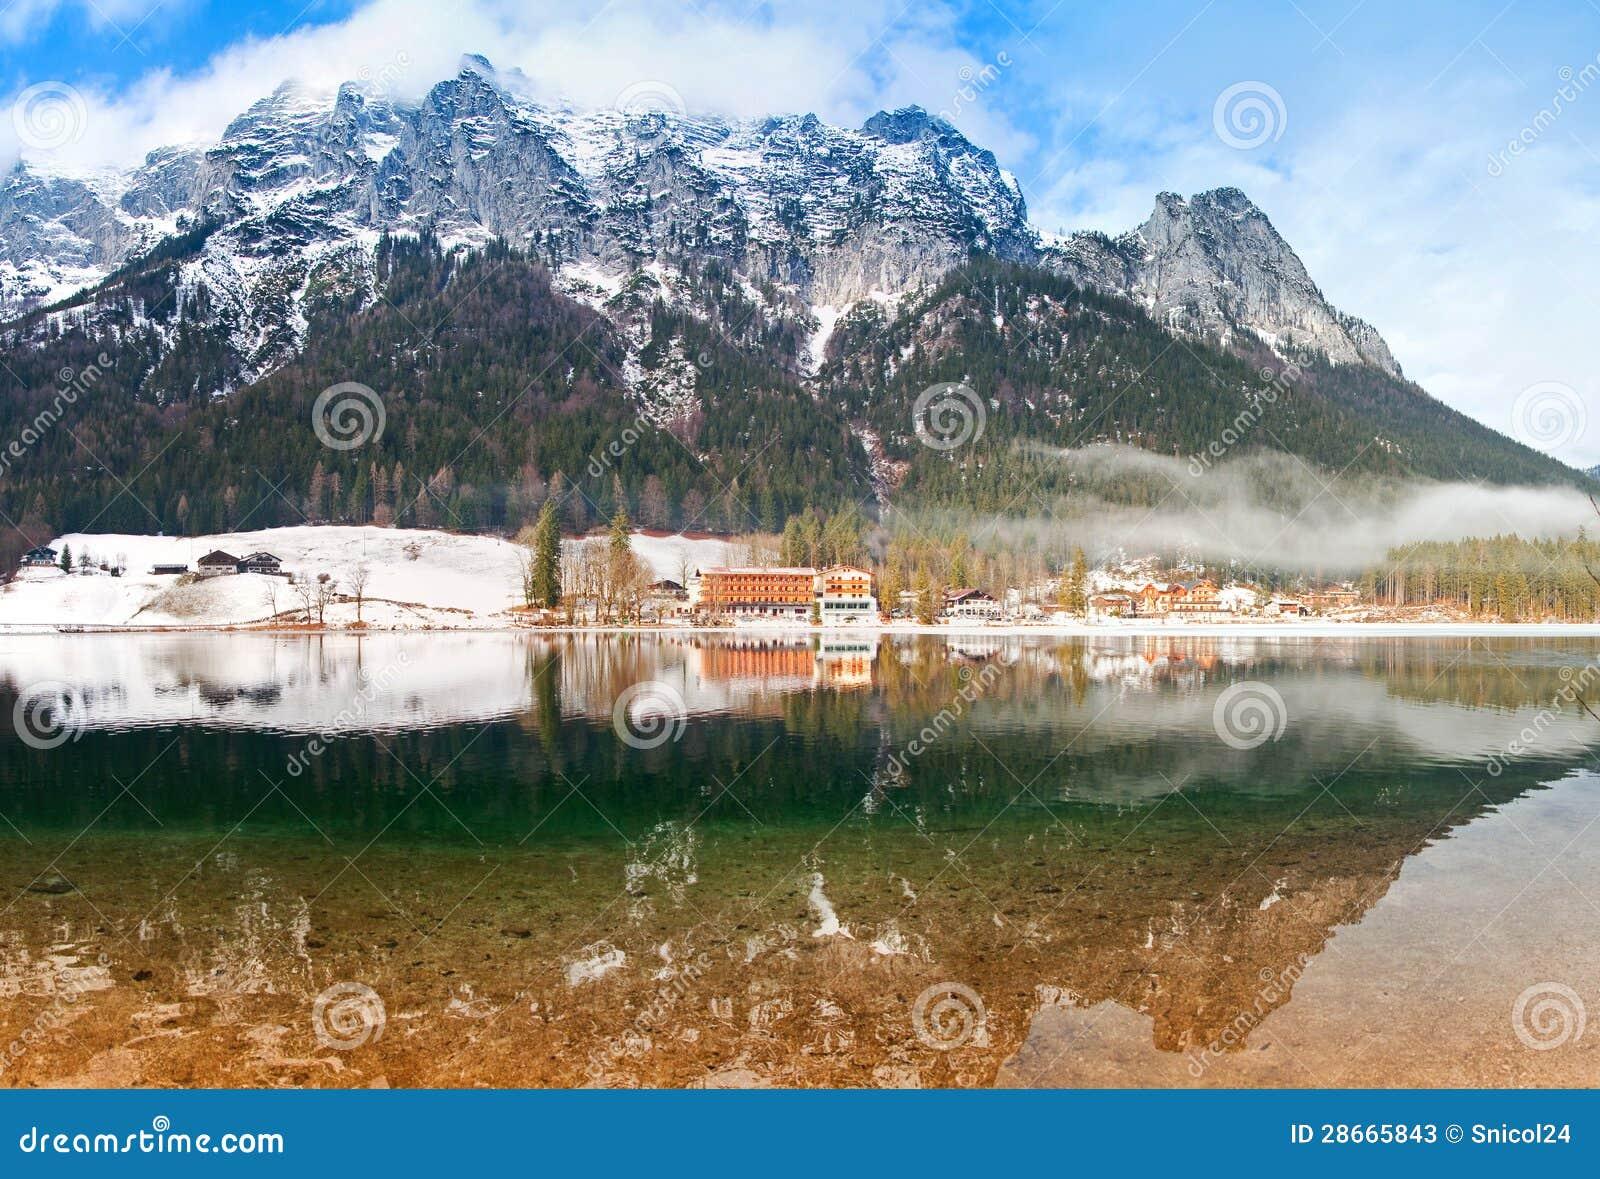 Vintern landskap panorama